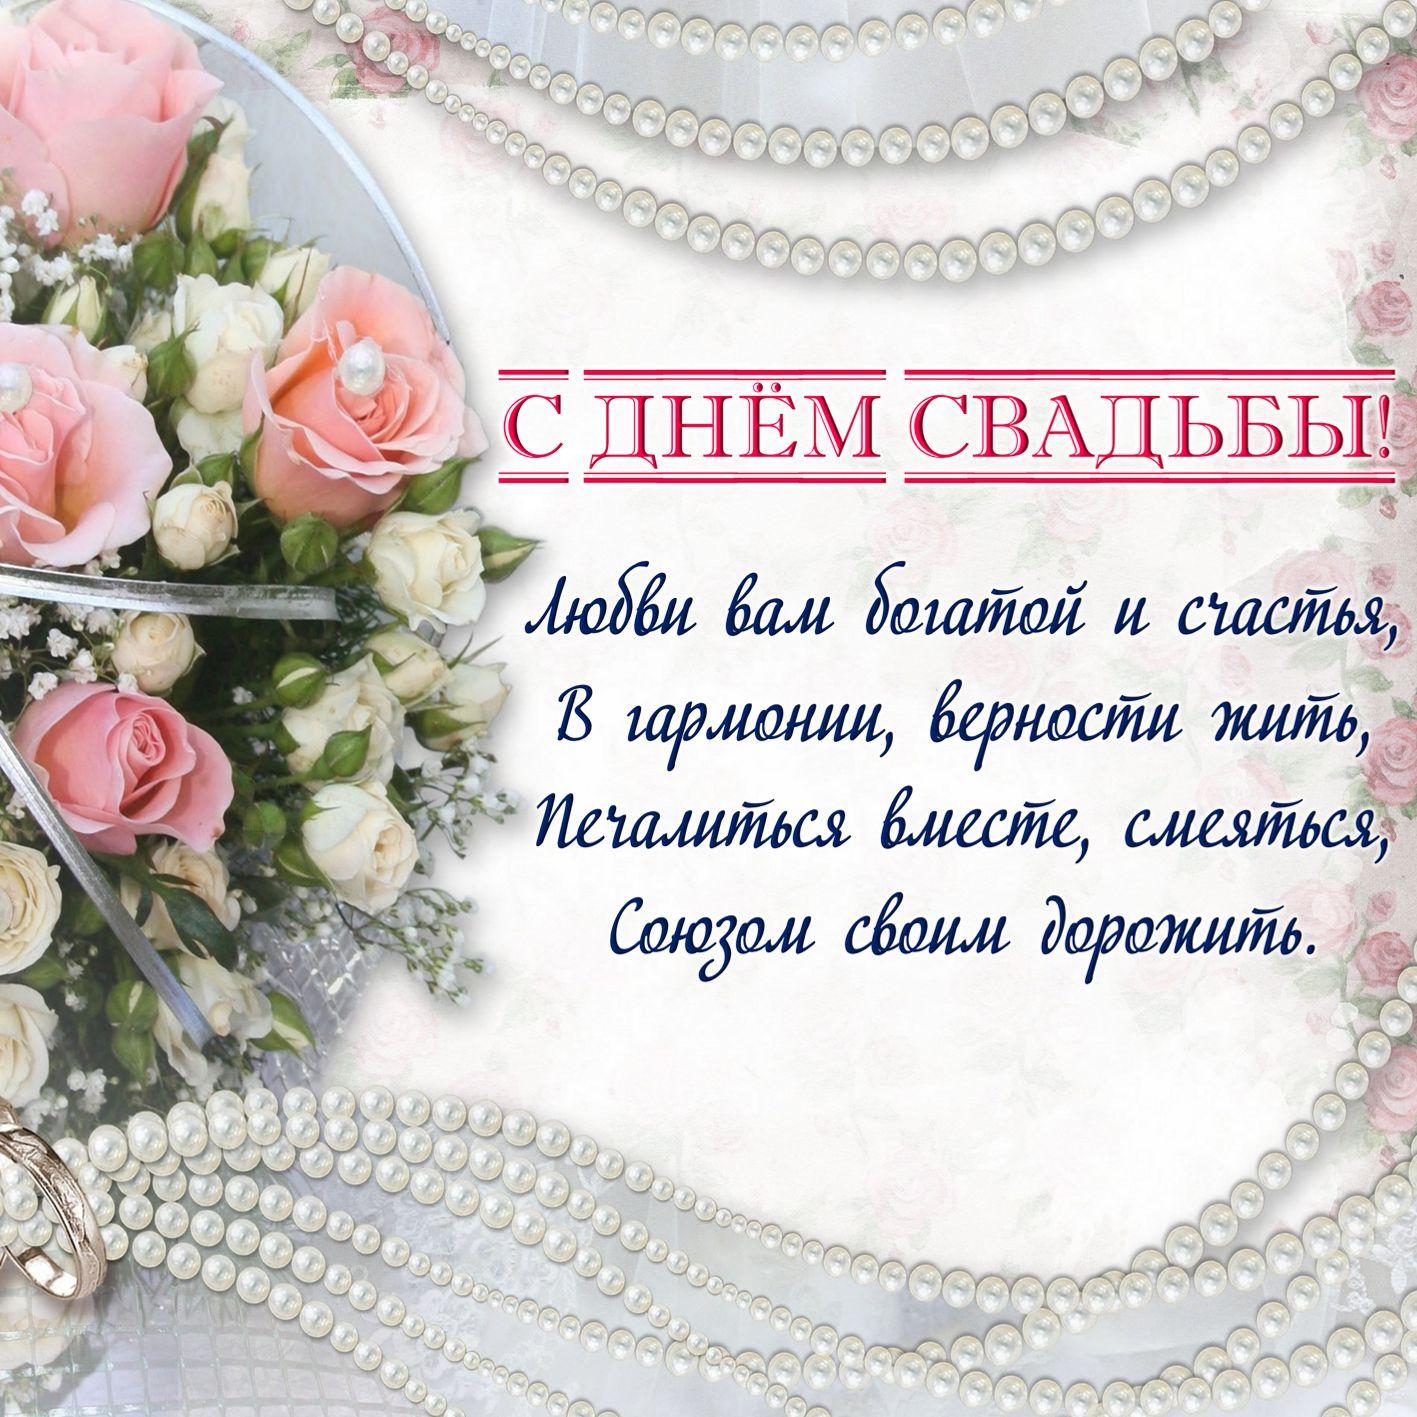 Февраля, текст поздравления на свадьбу в стихах